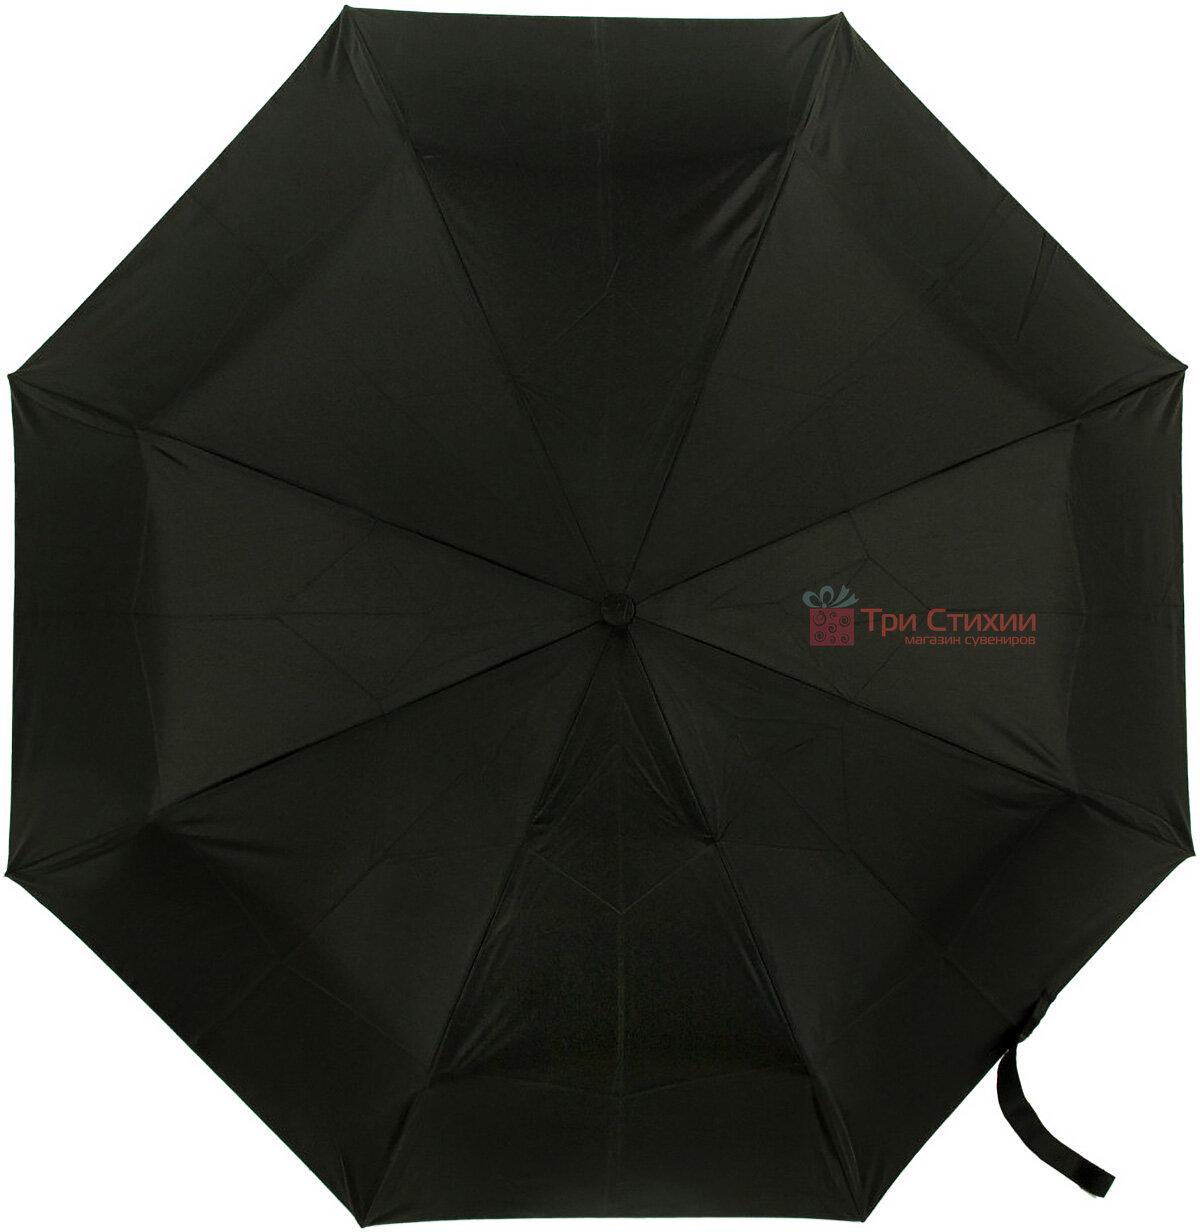 Зонт складной Fulton Open & Close-11 G820 Black полный автомат Черный (G820-003152), фото 2